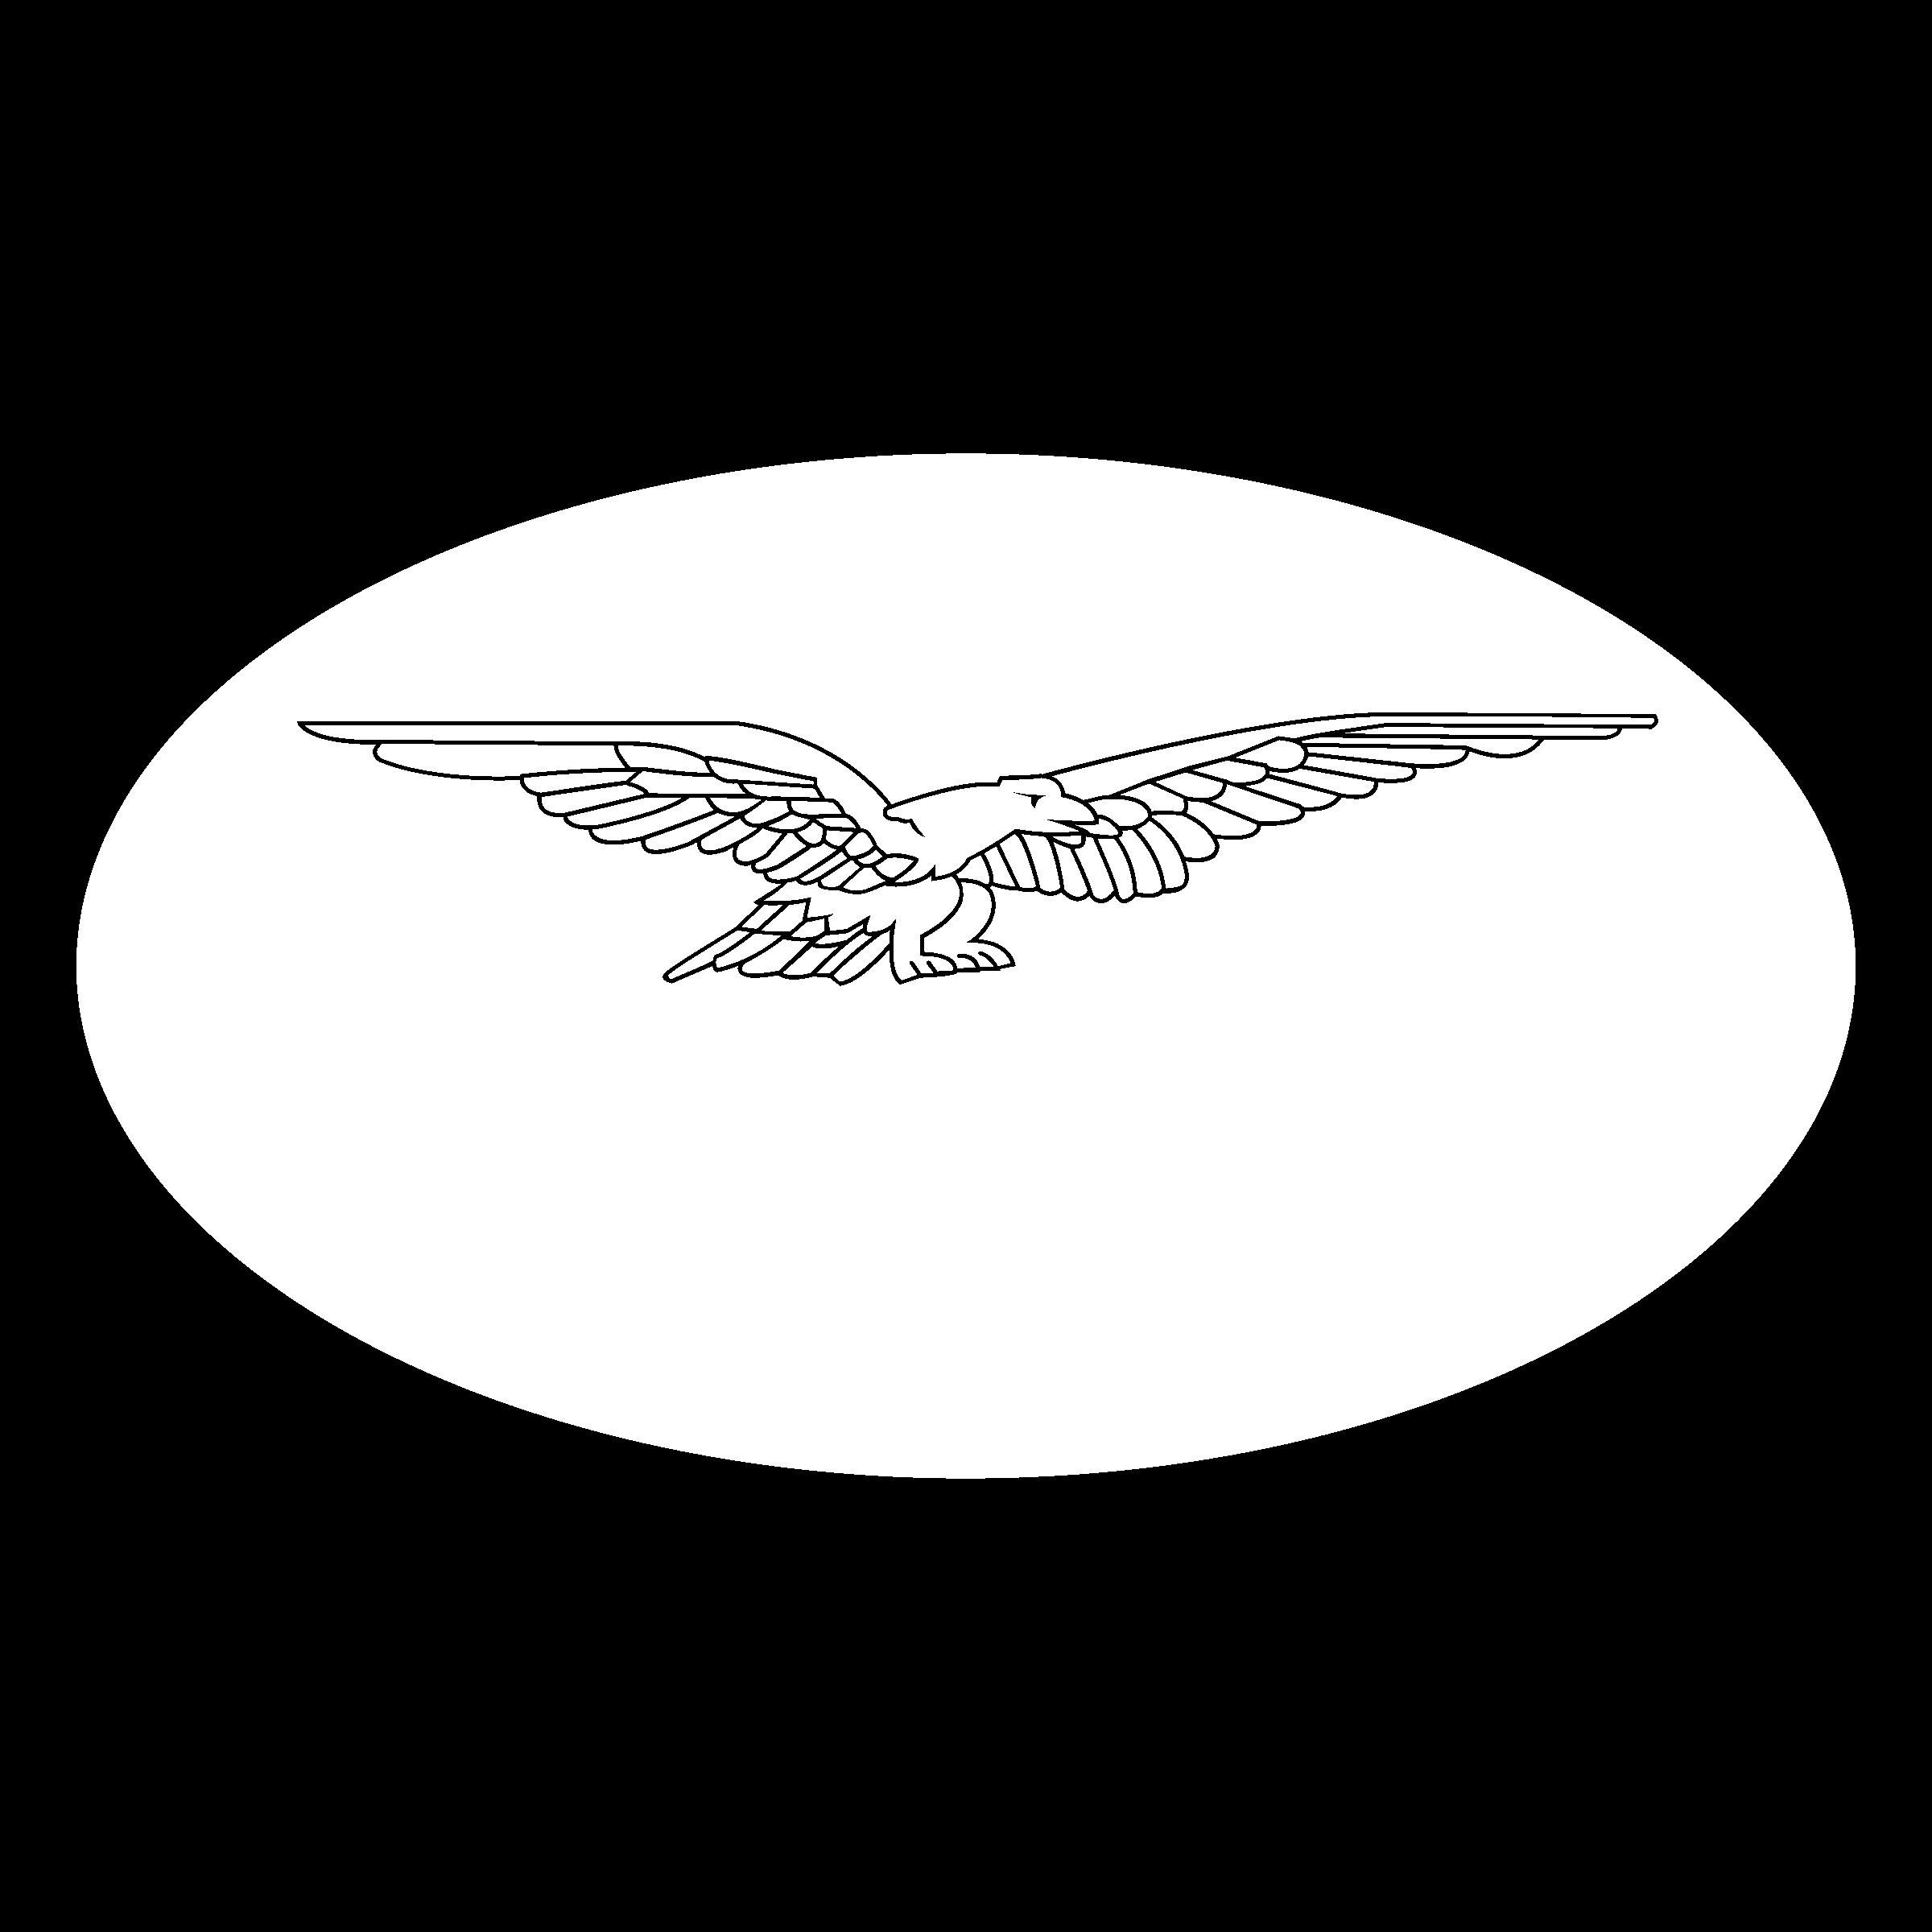 Moto Guzzi Logo PNG Transparent & SVG Vector.